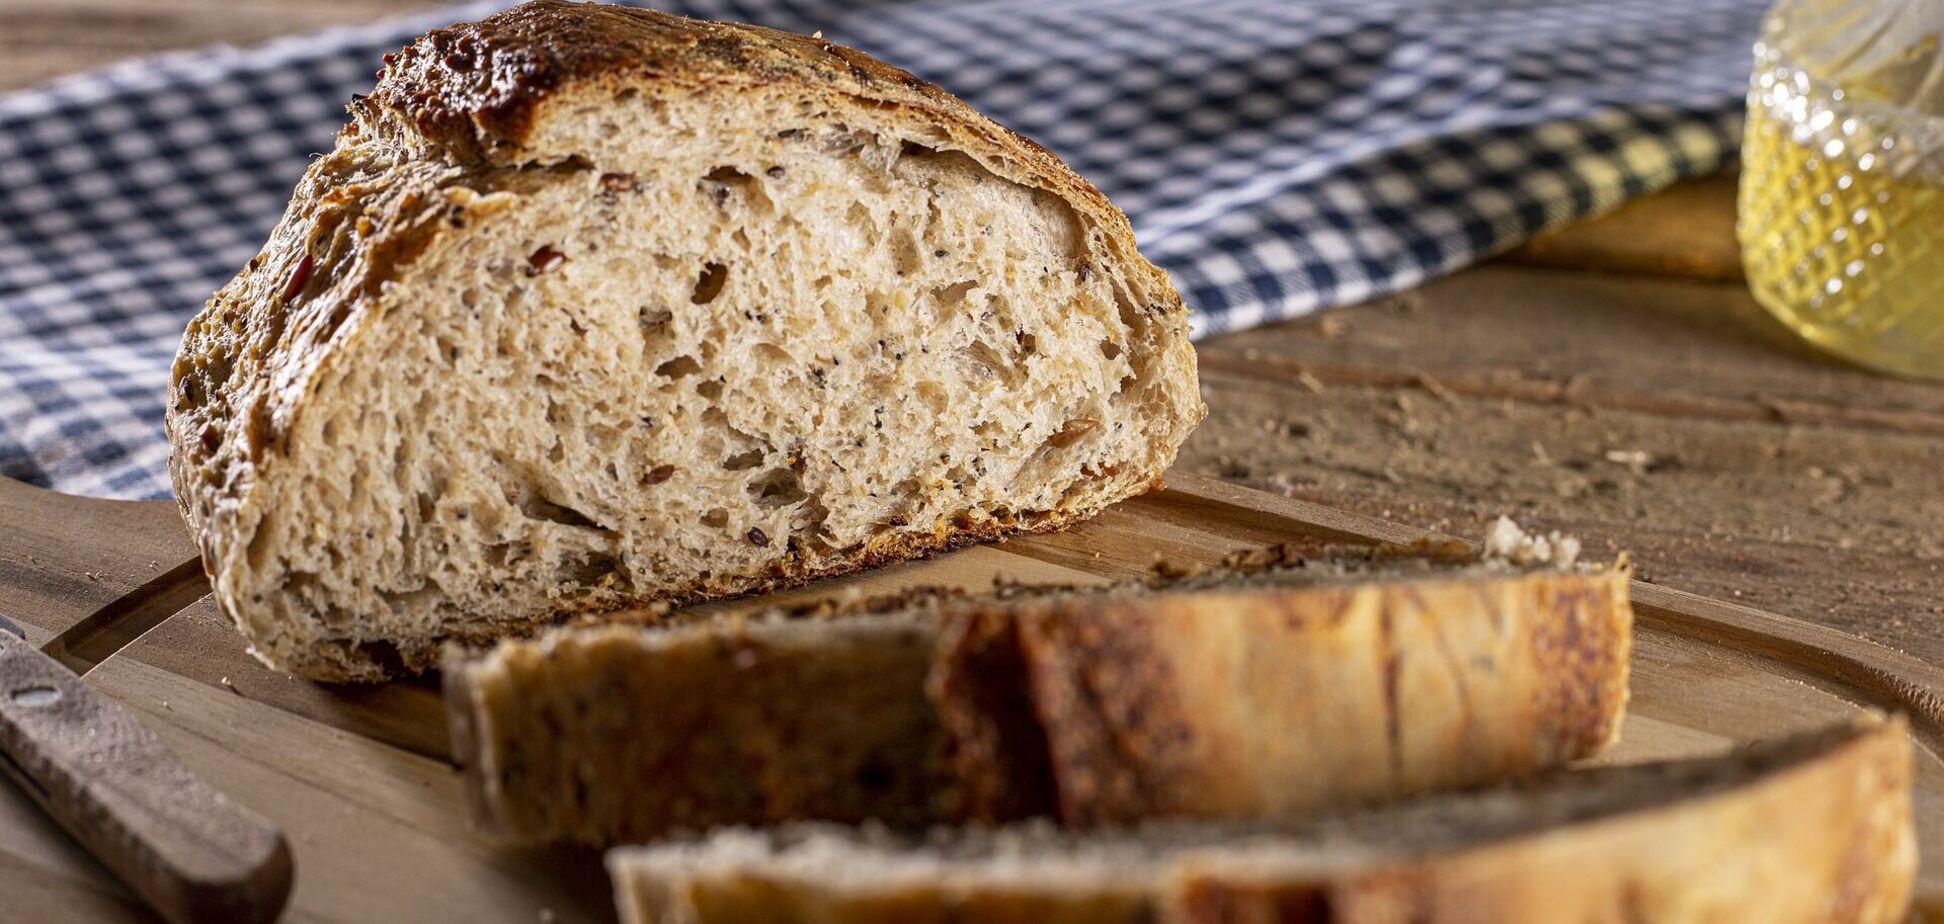 Що буде, якщо не їсти хліб